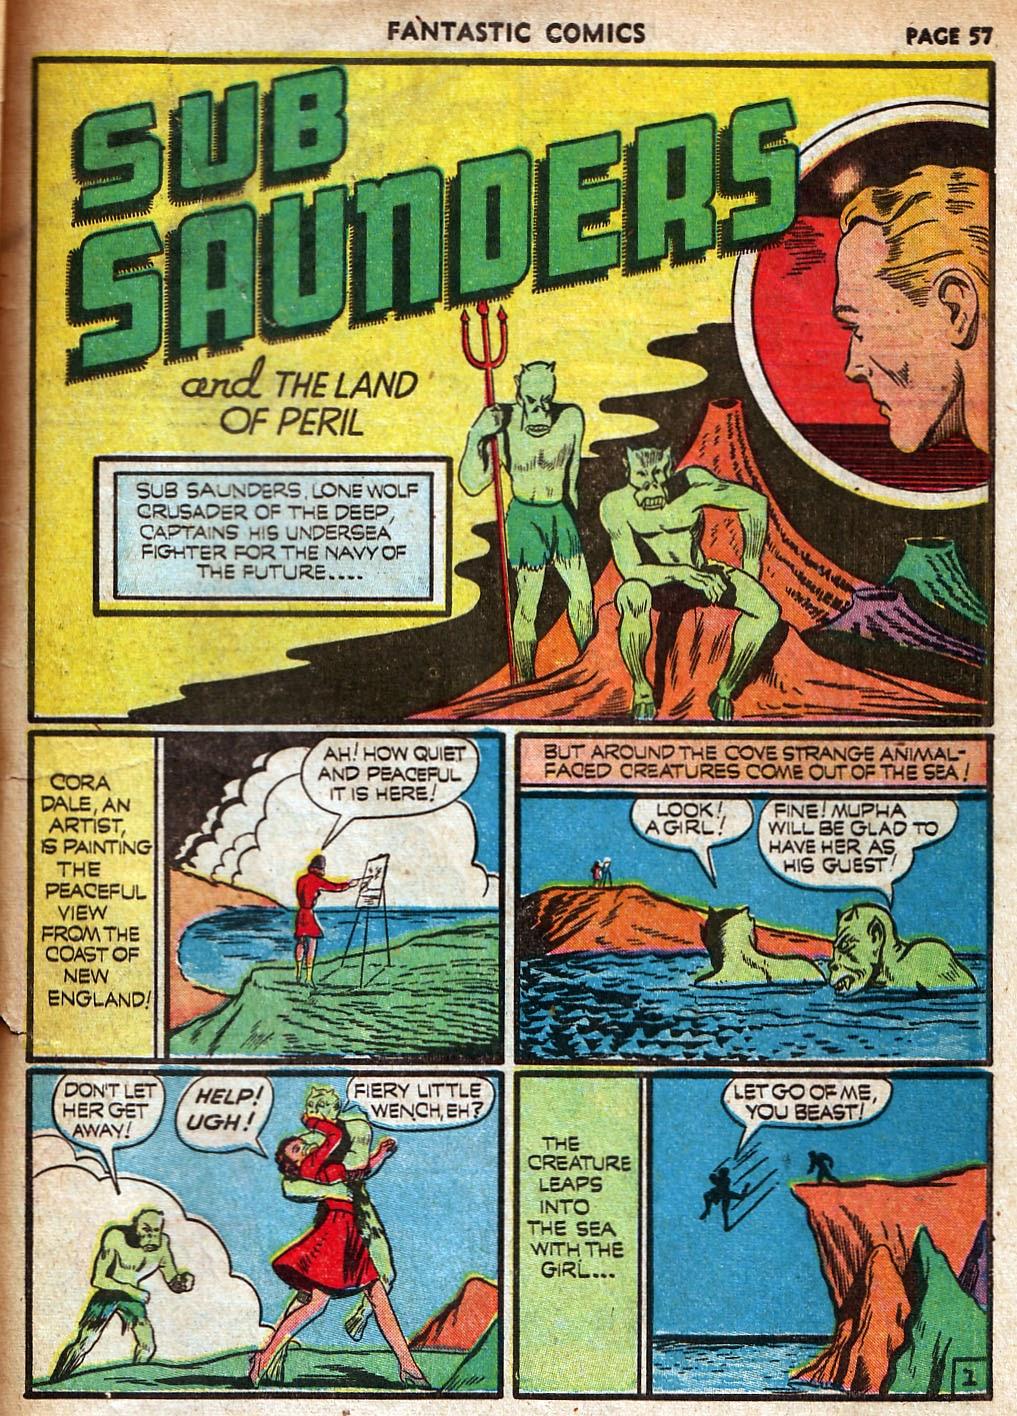 Read online Fantastic Comics comic -  Issue #18 - 59